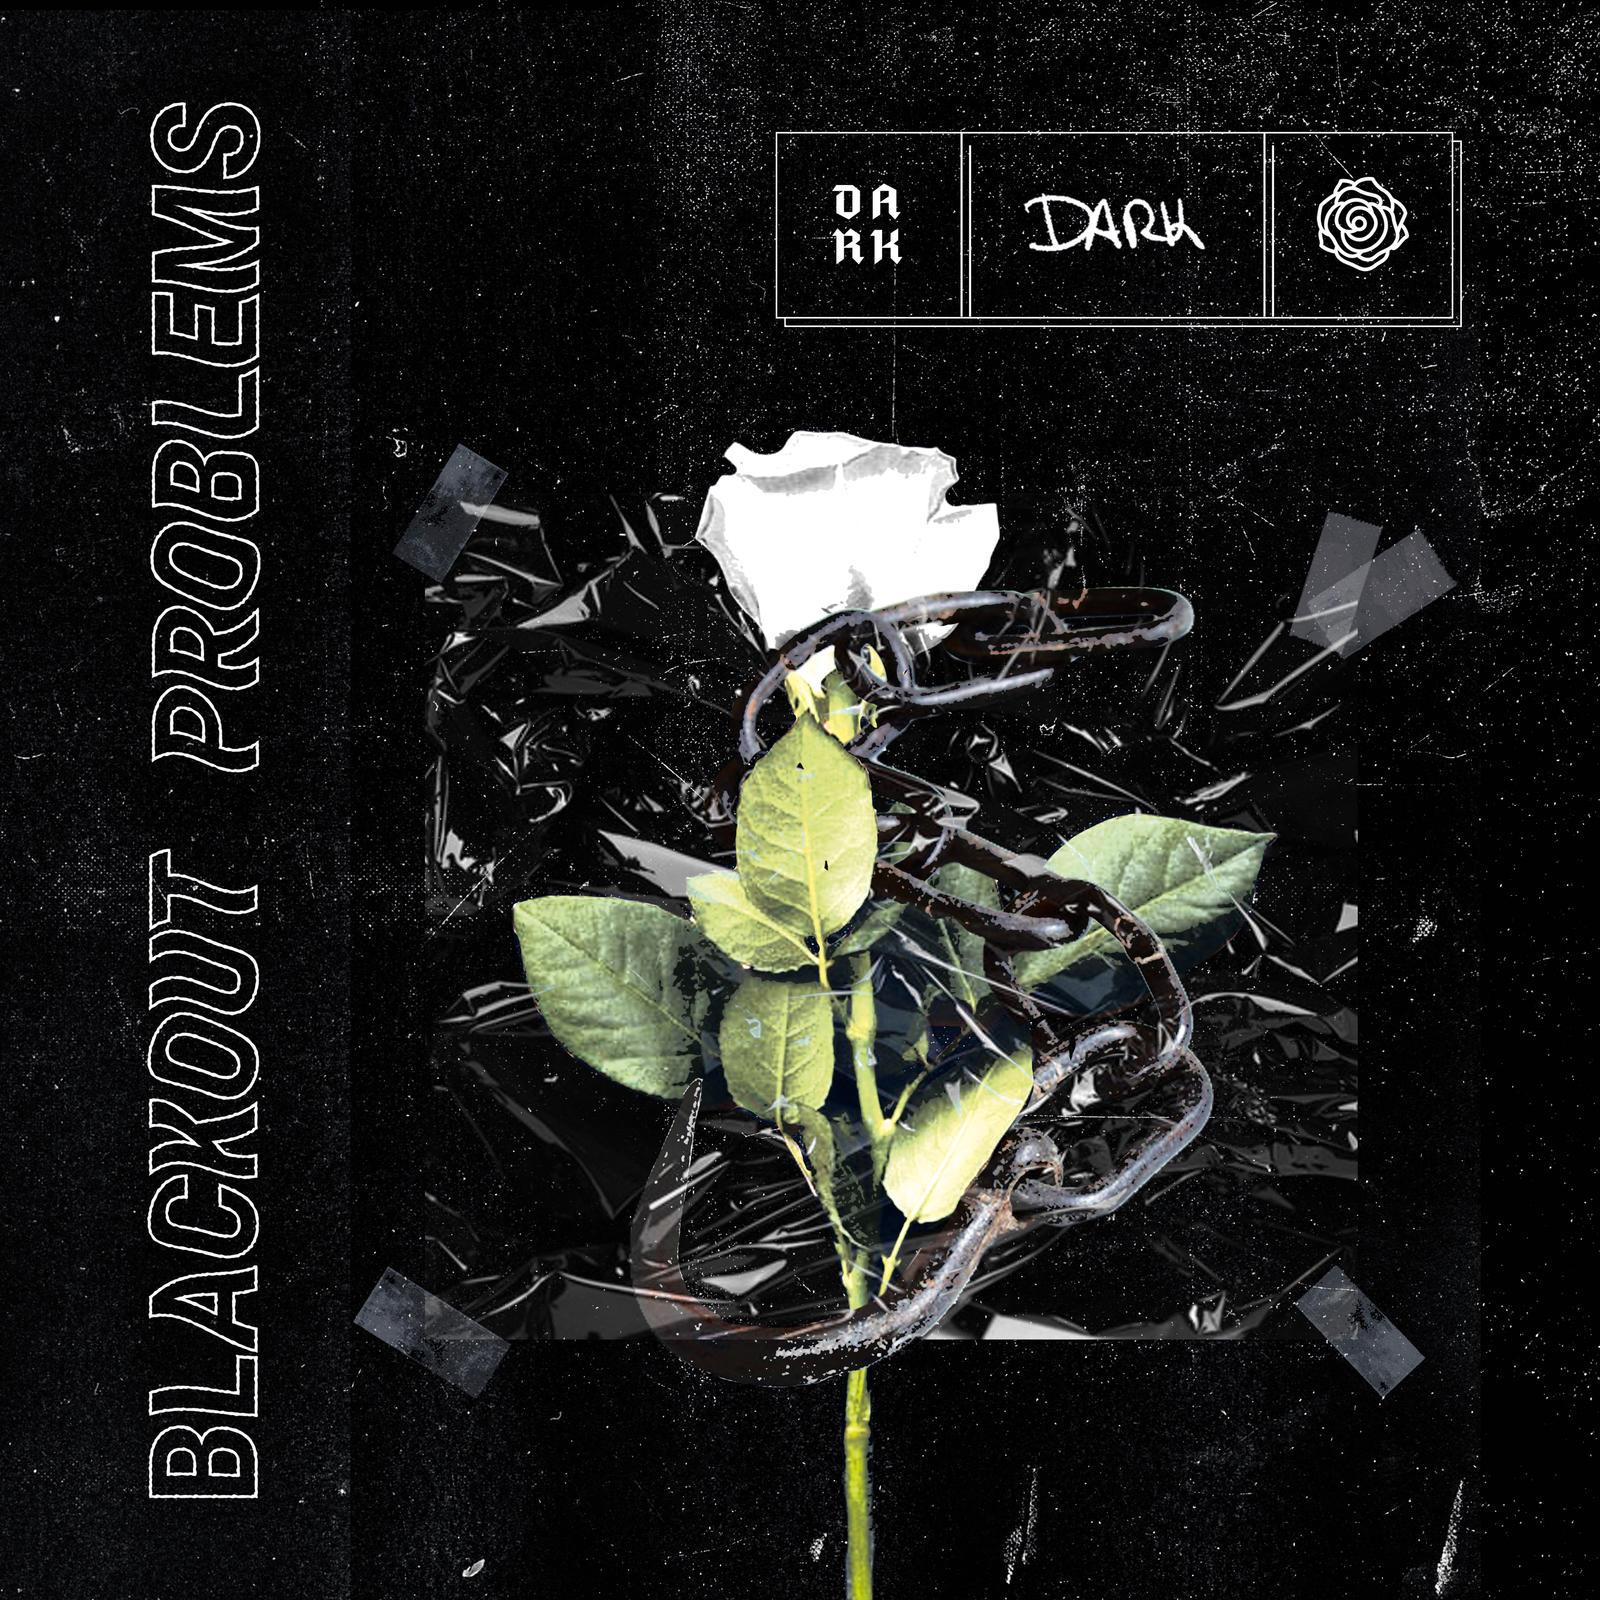 Blackout problems : deux singles avant la sortie de l'album en 2021...